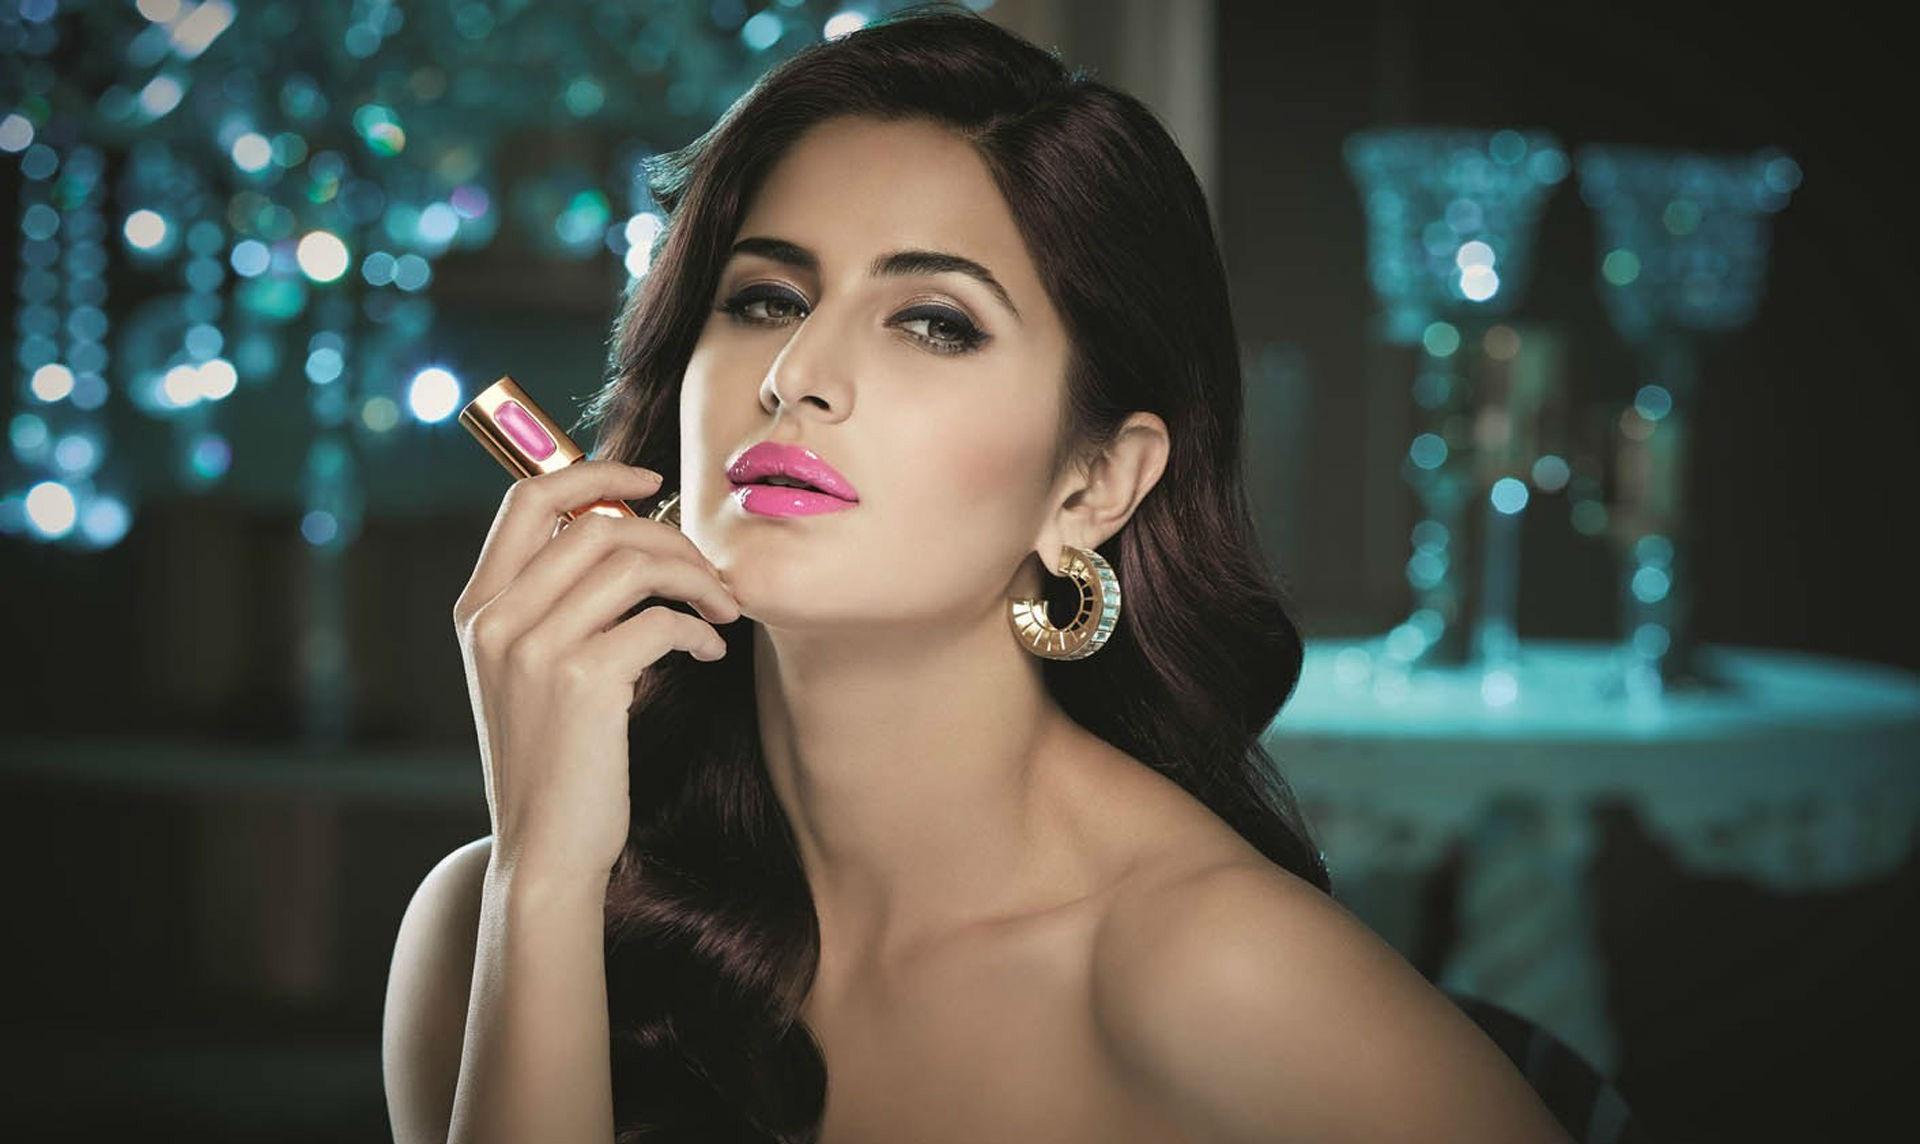 katrina_kaif_pink_lips-wide